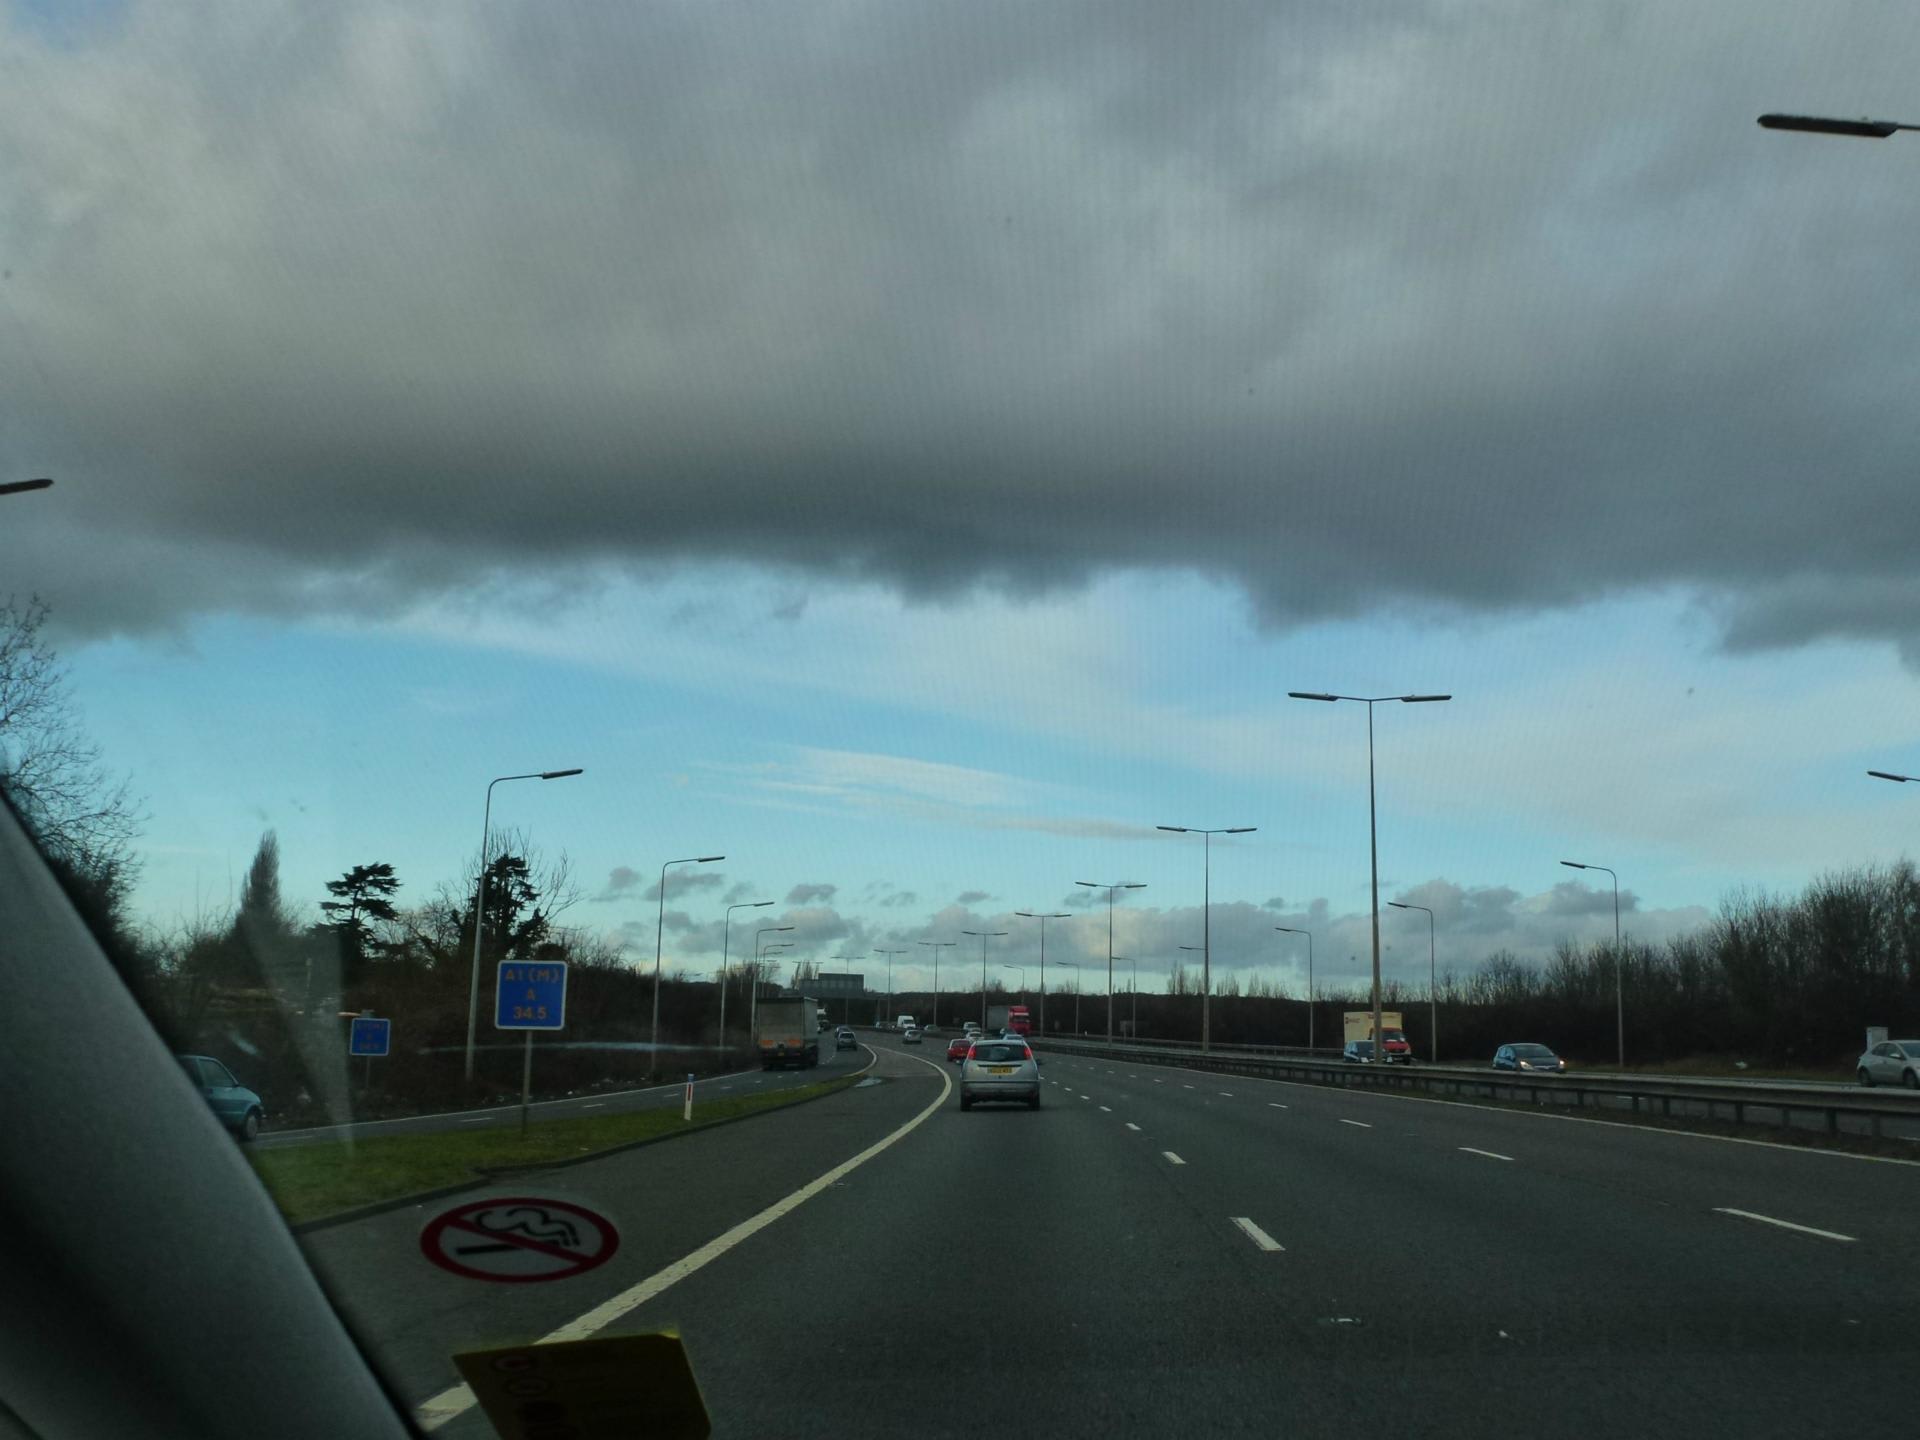 A1 (イギリスの道路)